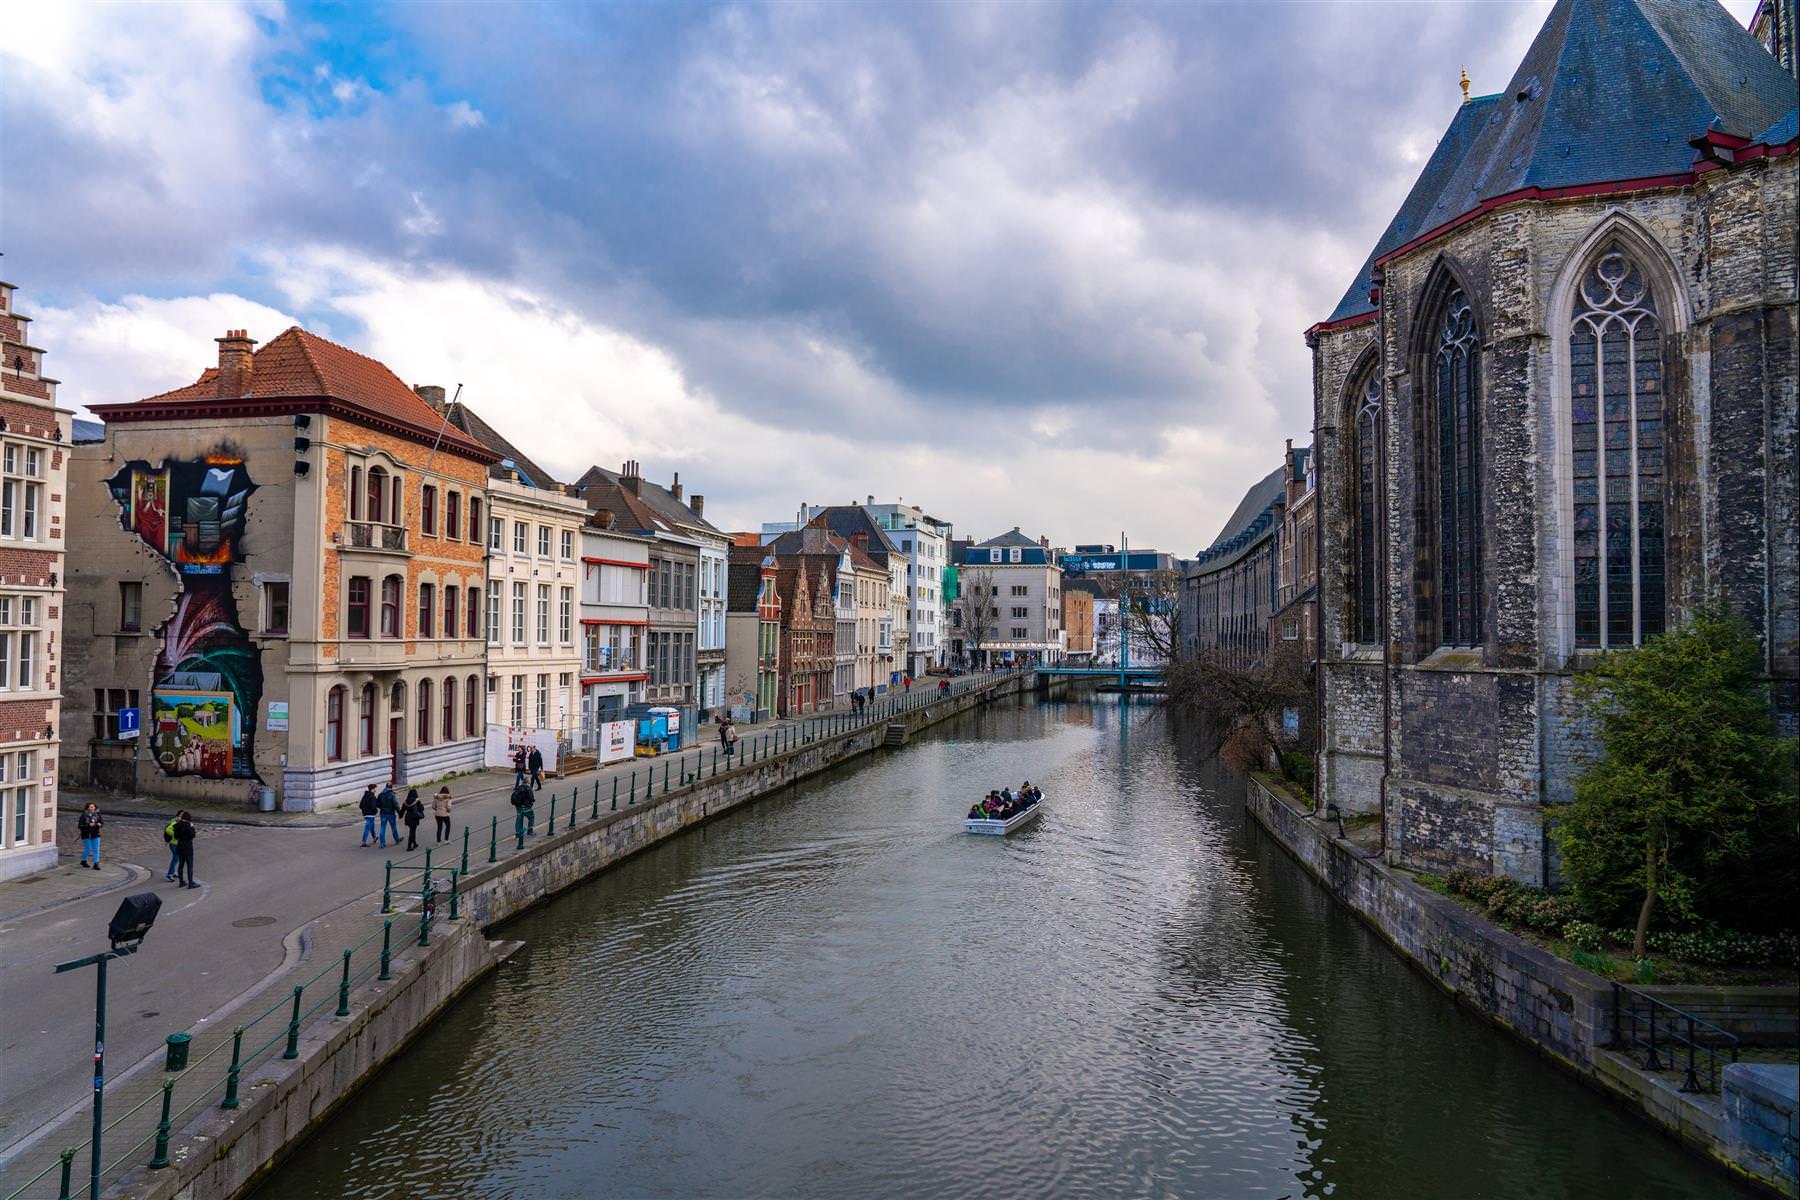 聖米歇爾橋 Sint Michielsbrug